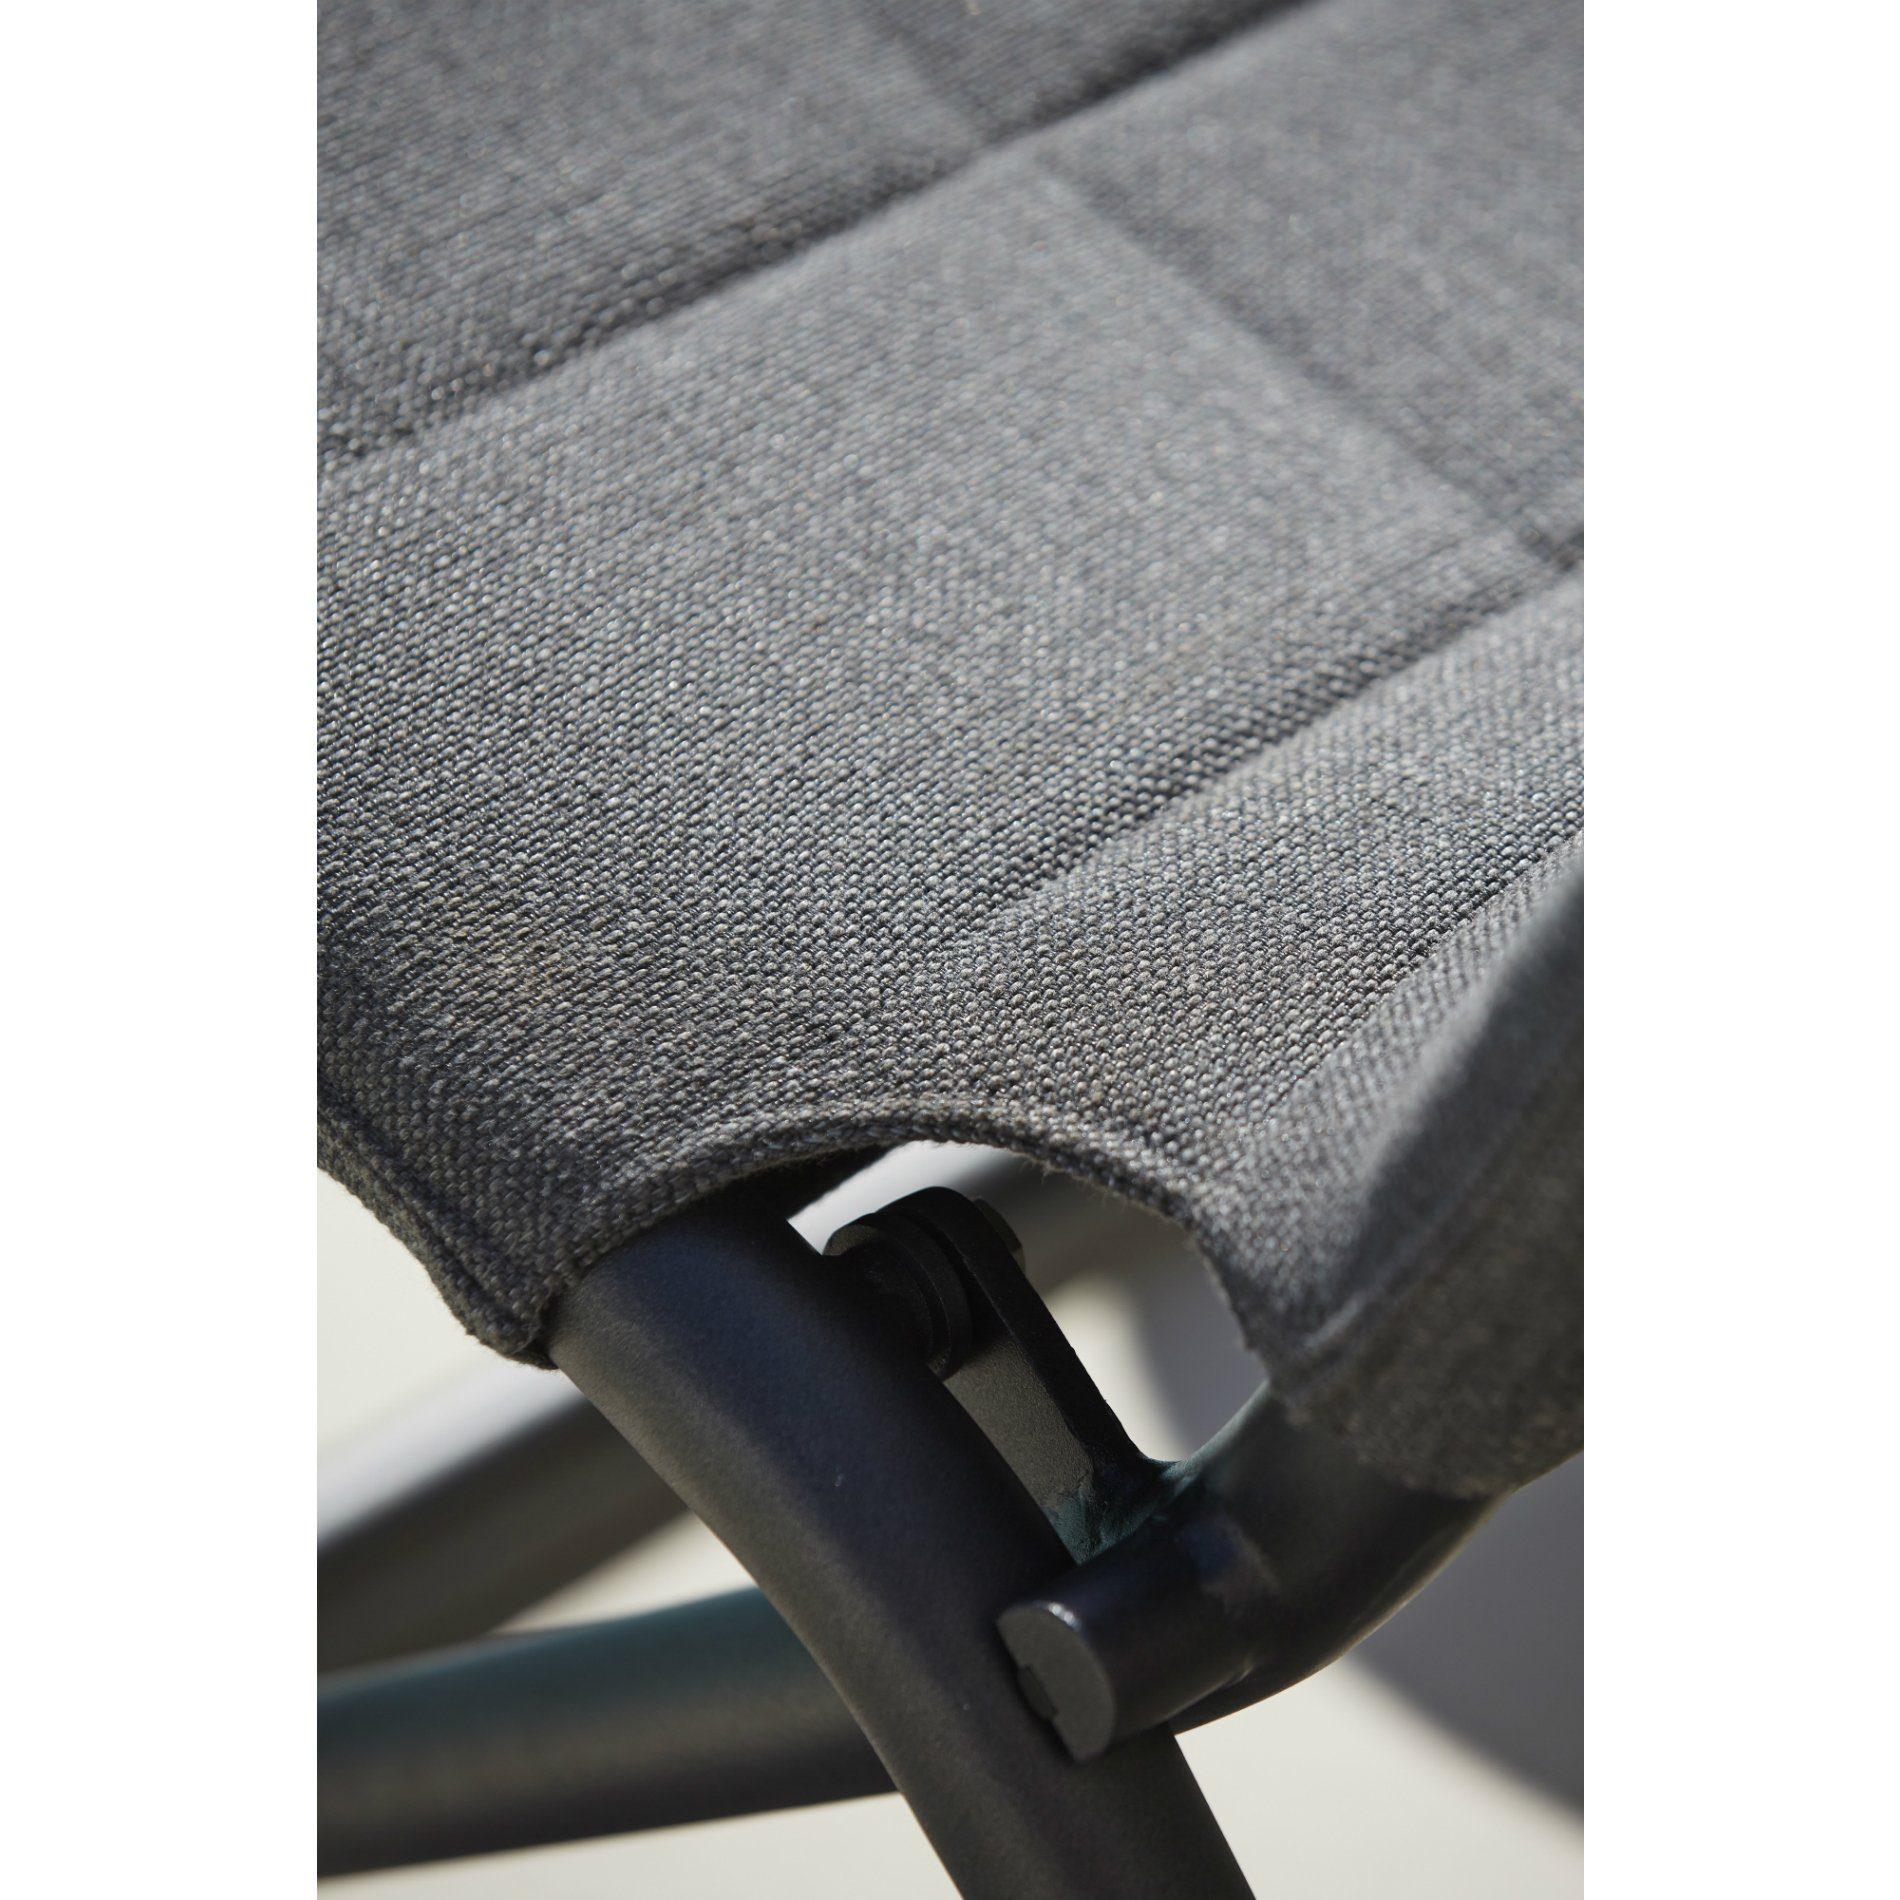 cane line loungesessel traveller klappsessel. Black Bedroom Furniture Sets. Home Design Ideas